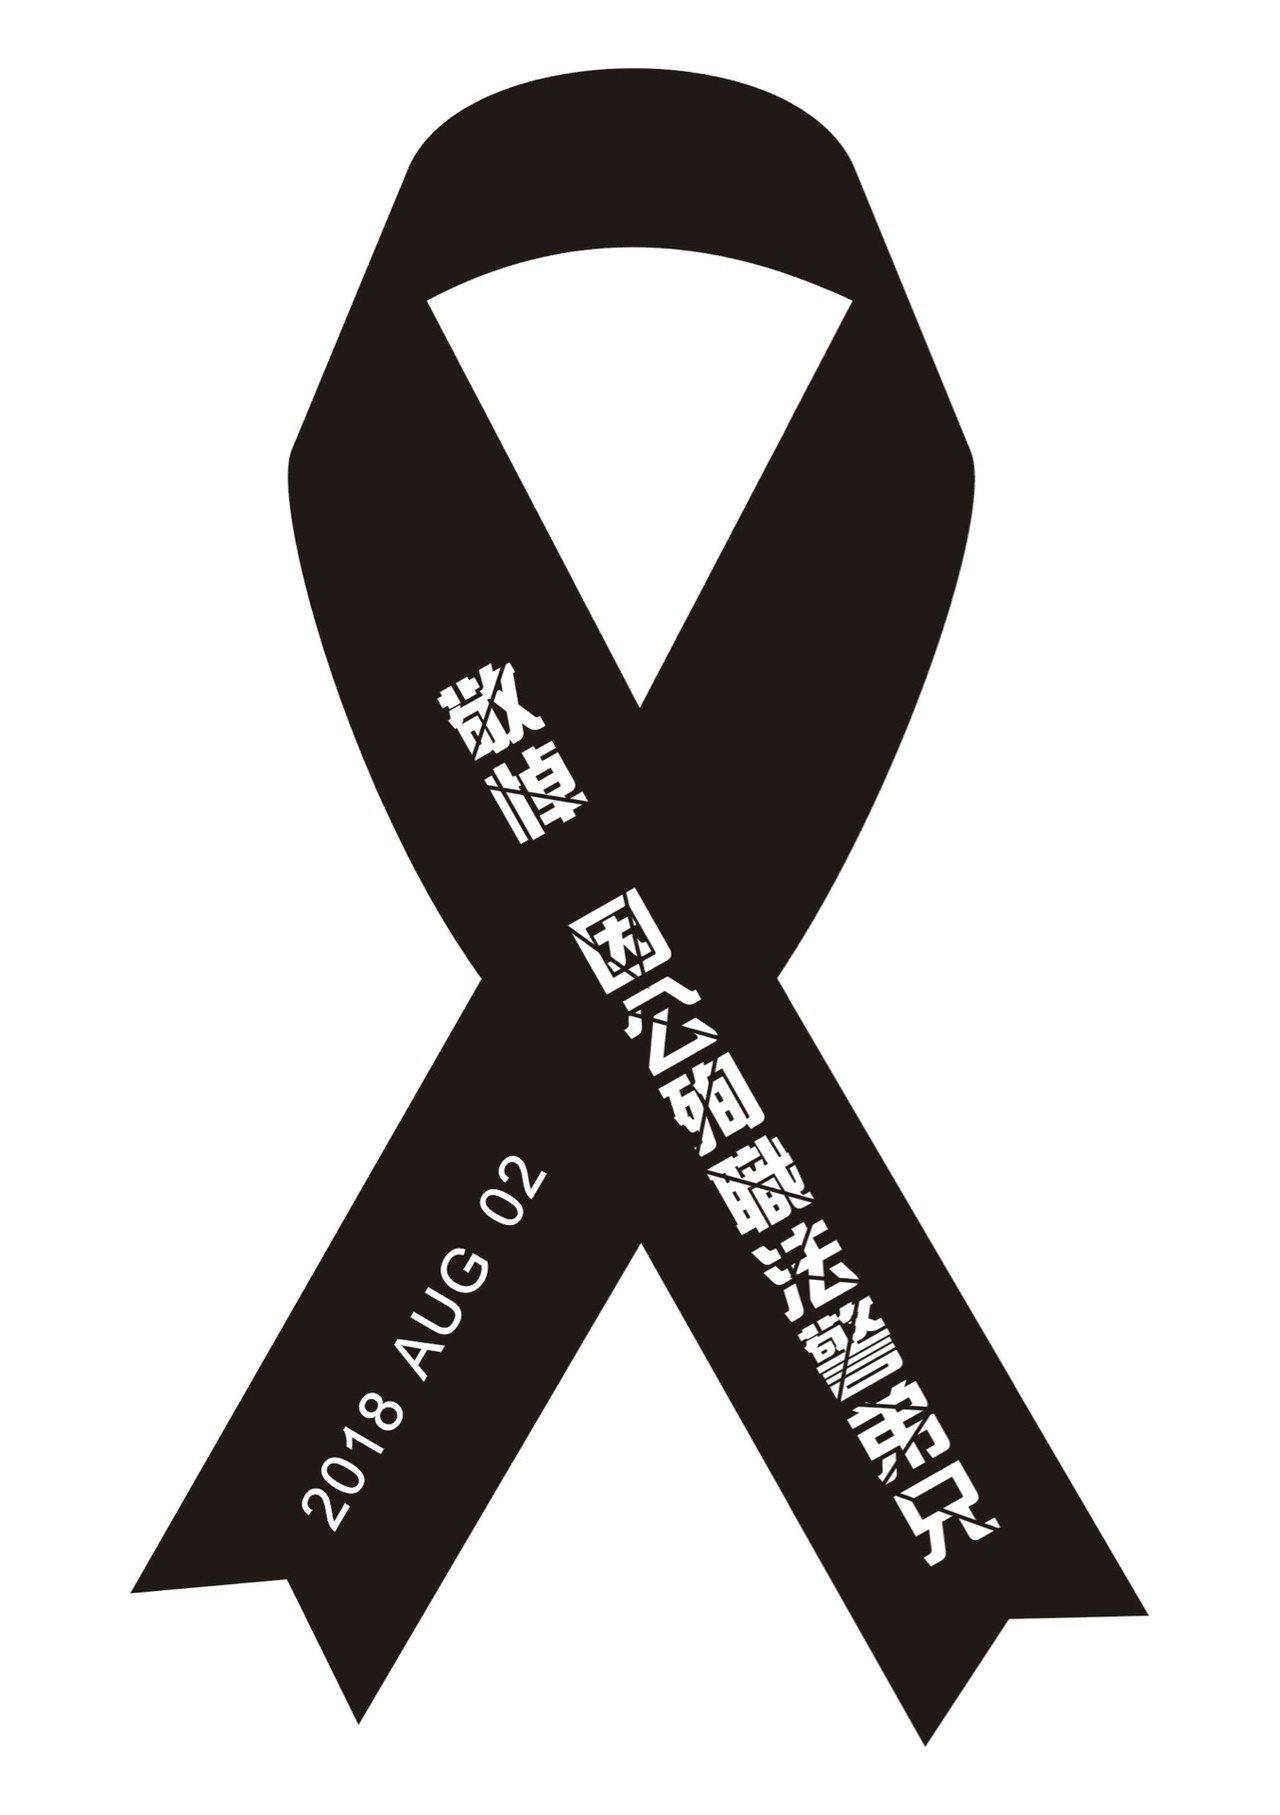 台灣法警工會在臉書社群發起「敬悼因公殉職的法警弟兄」活動。圖/台灣法警工會提供